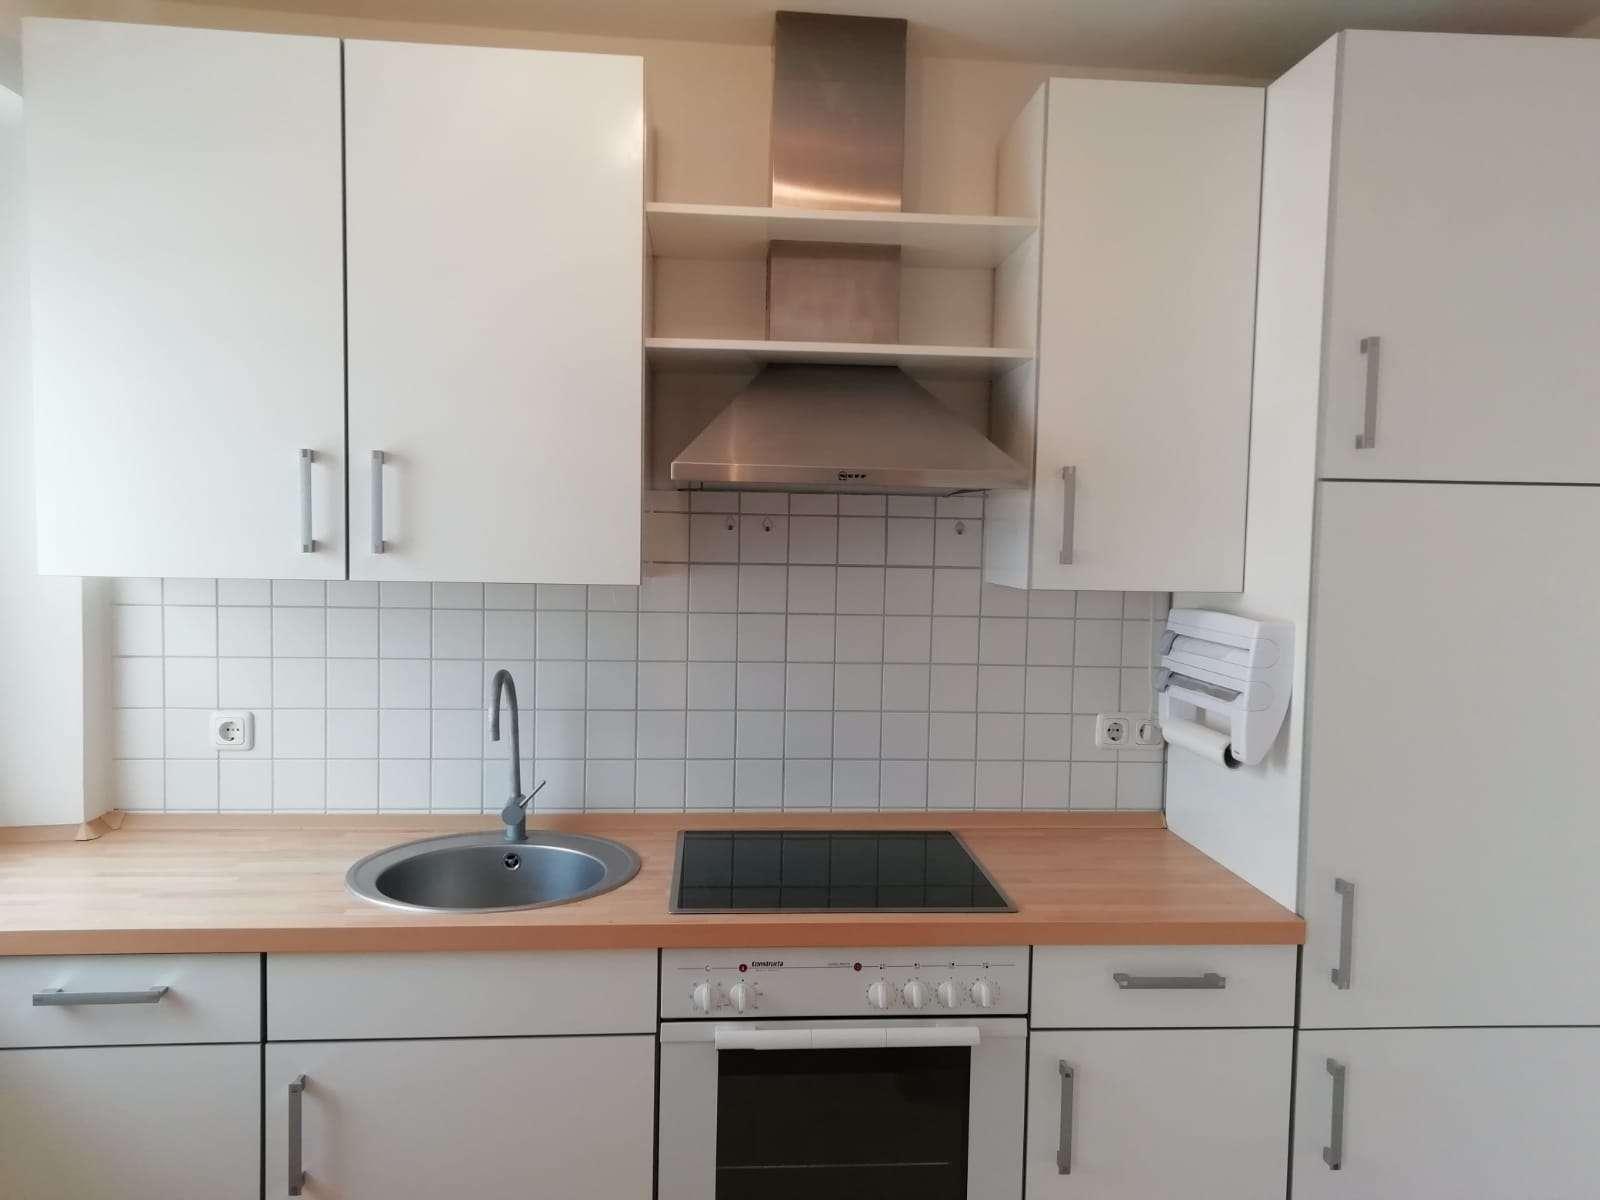 *Traumhafte Wohnung mit 2 Zimmern in kleiner Wohnanlage*